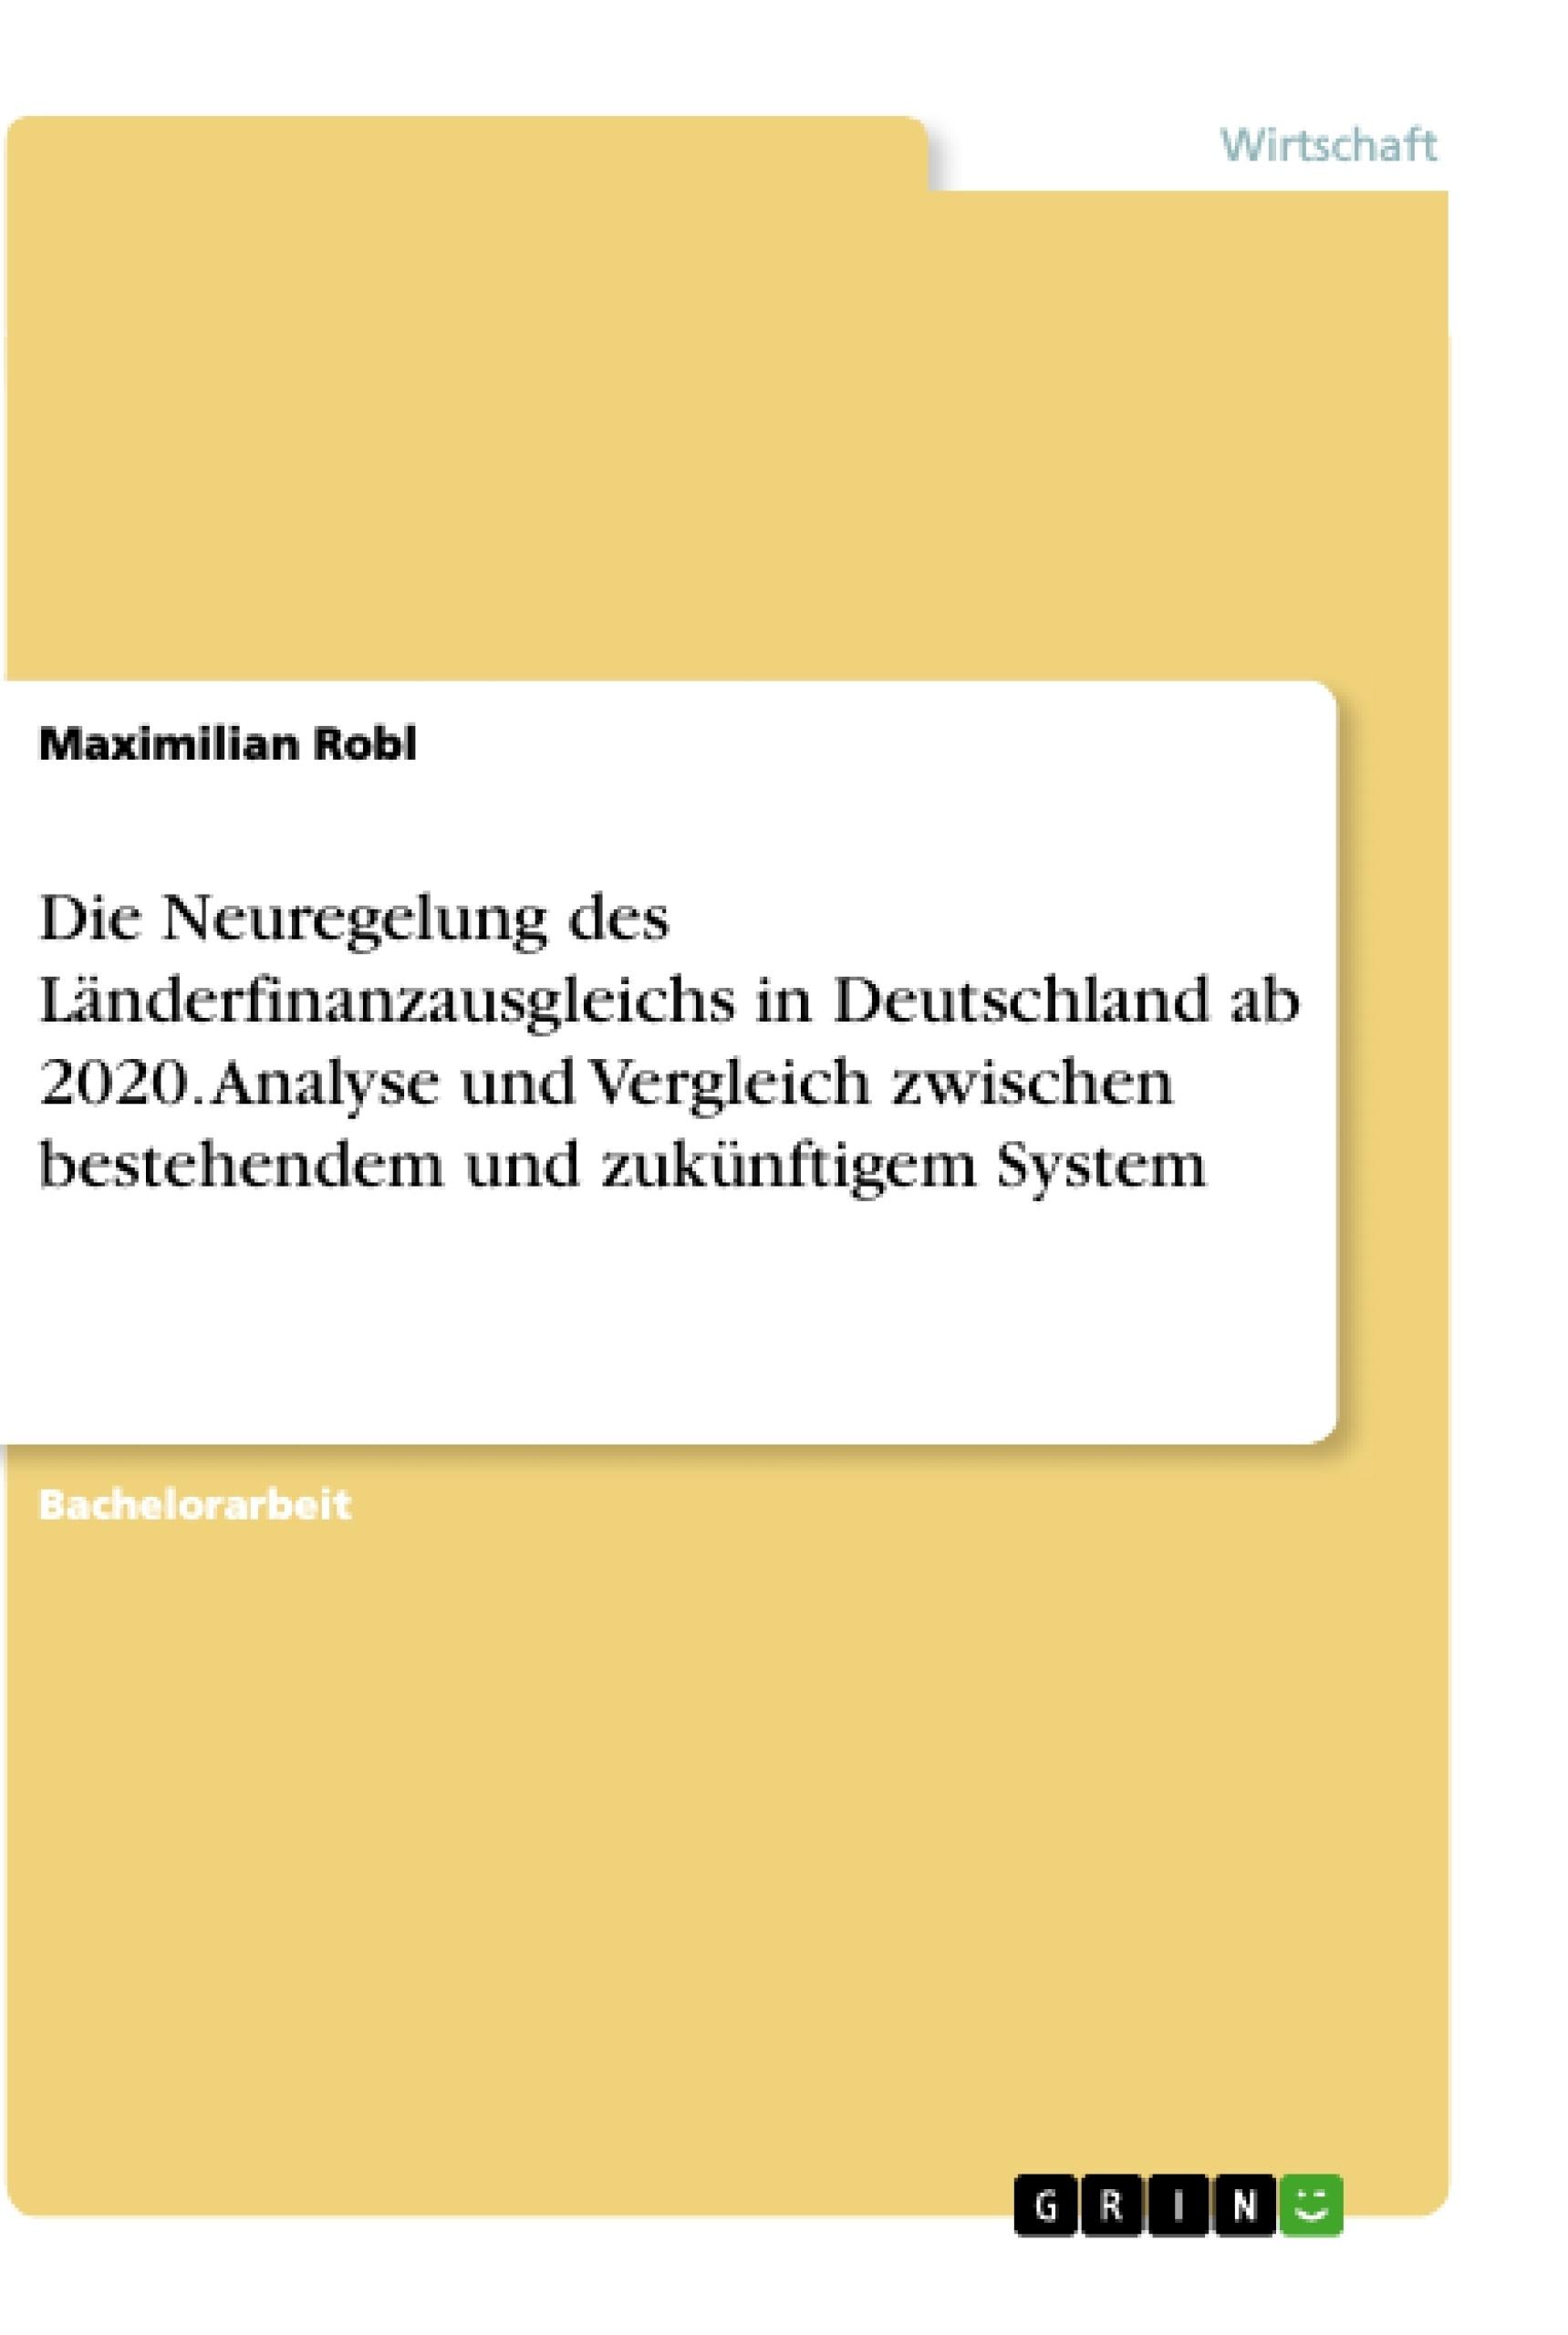 Titel: Die Neuregelung des Länderfinanzausgleichs in Deutschland ab 2020. Analyse und Vergleich zwischen bestehendem und zukünftigem System